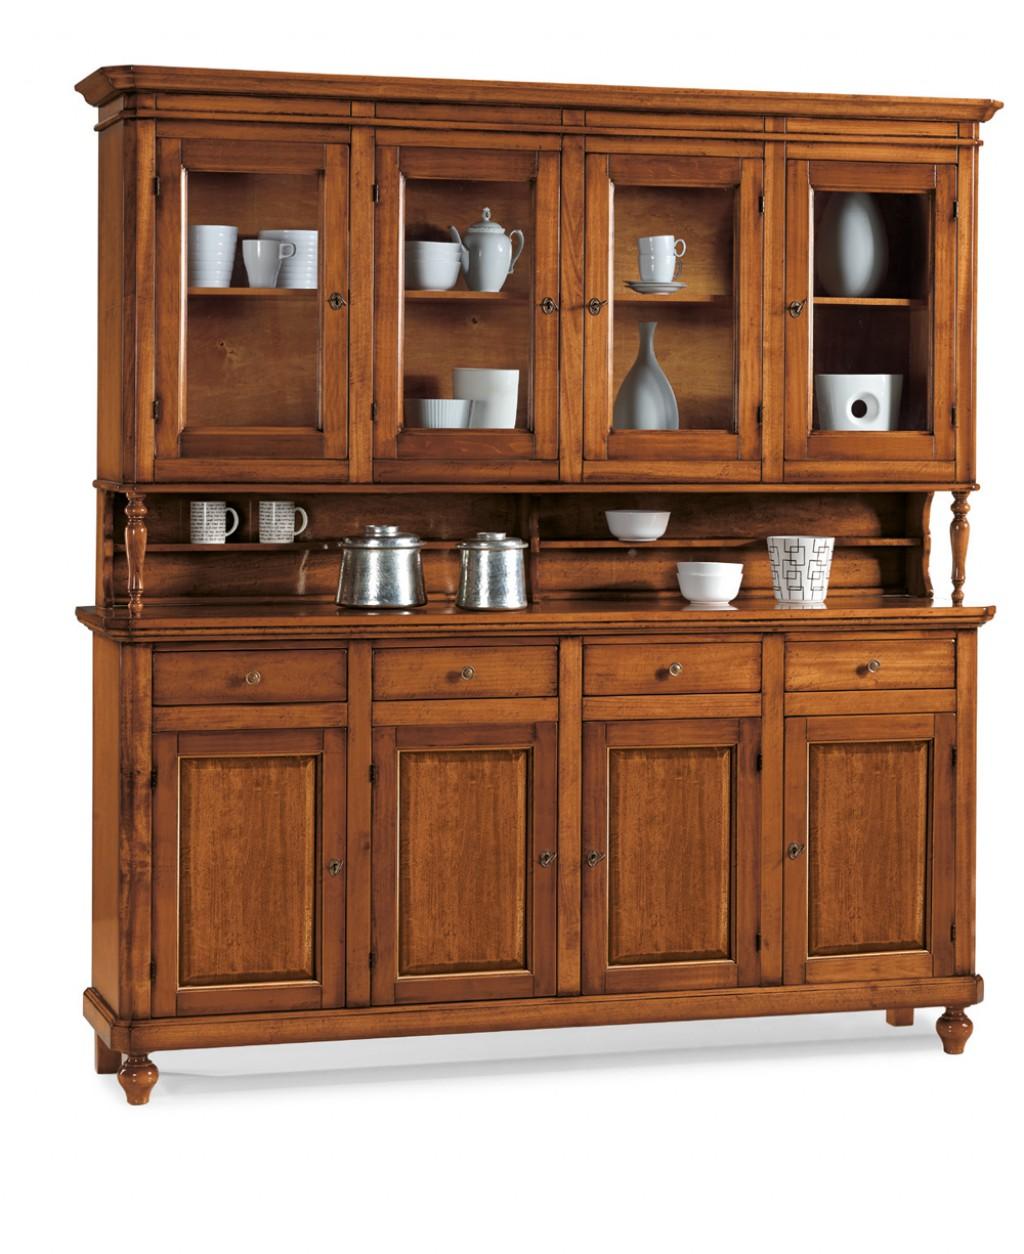 Cristalliera classica et508 cucine mobili di qualit for Mobili cucine qualita